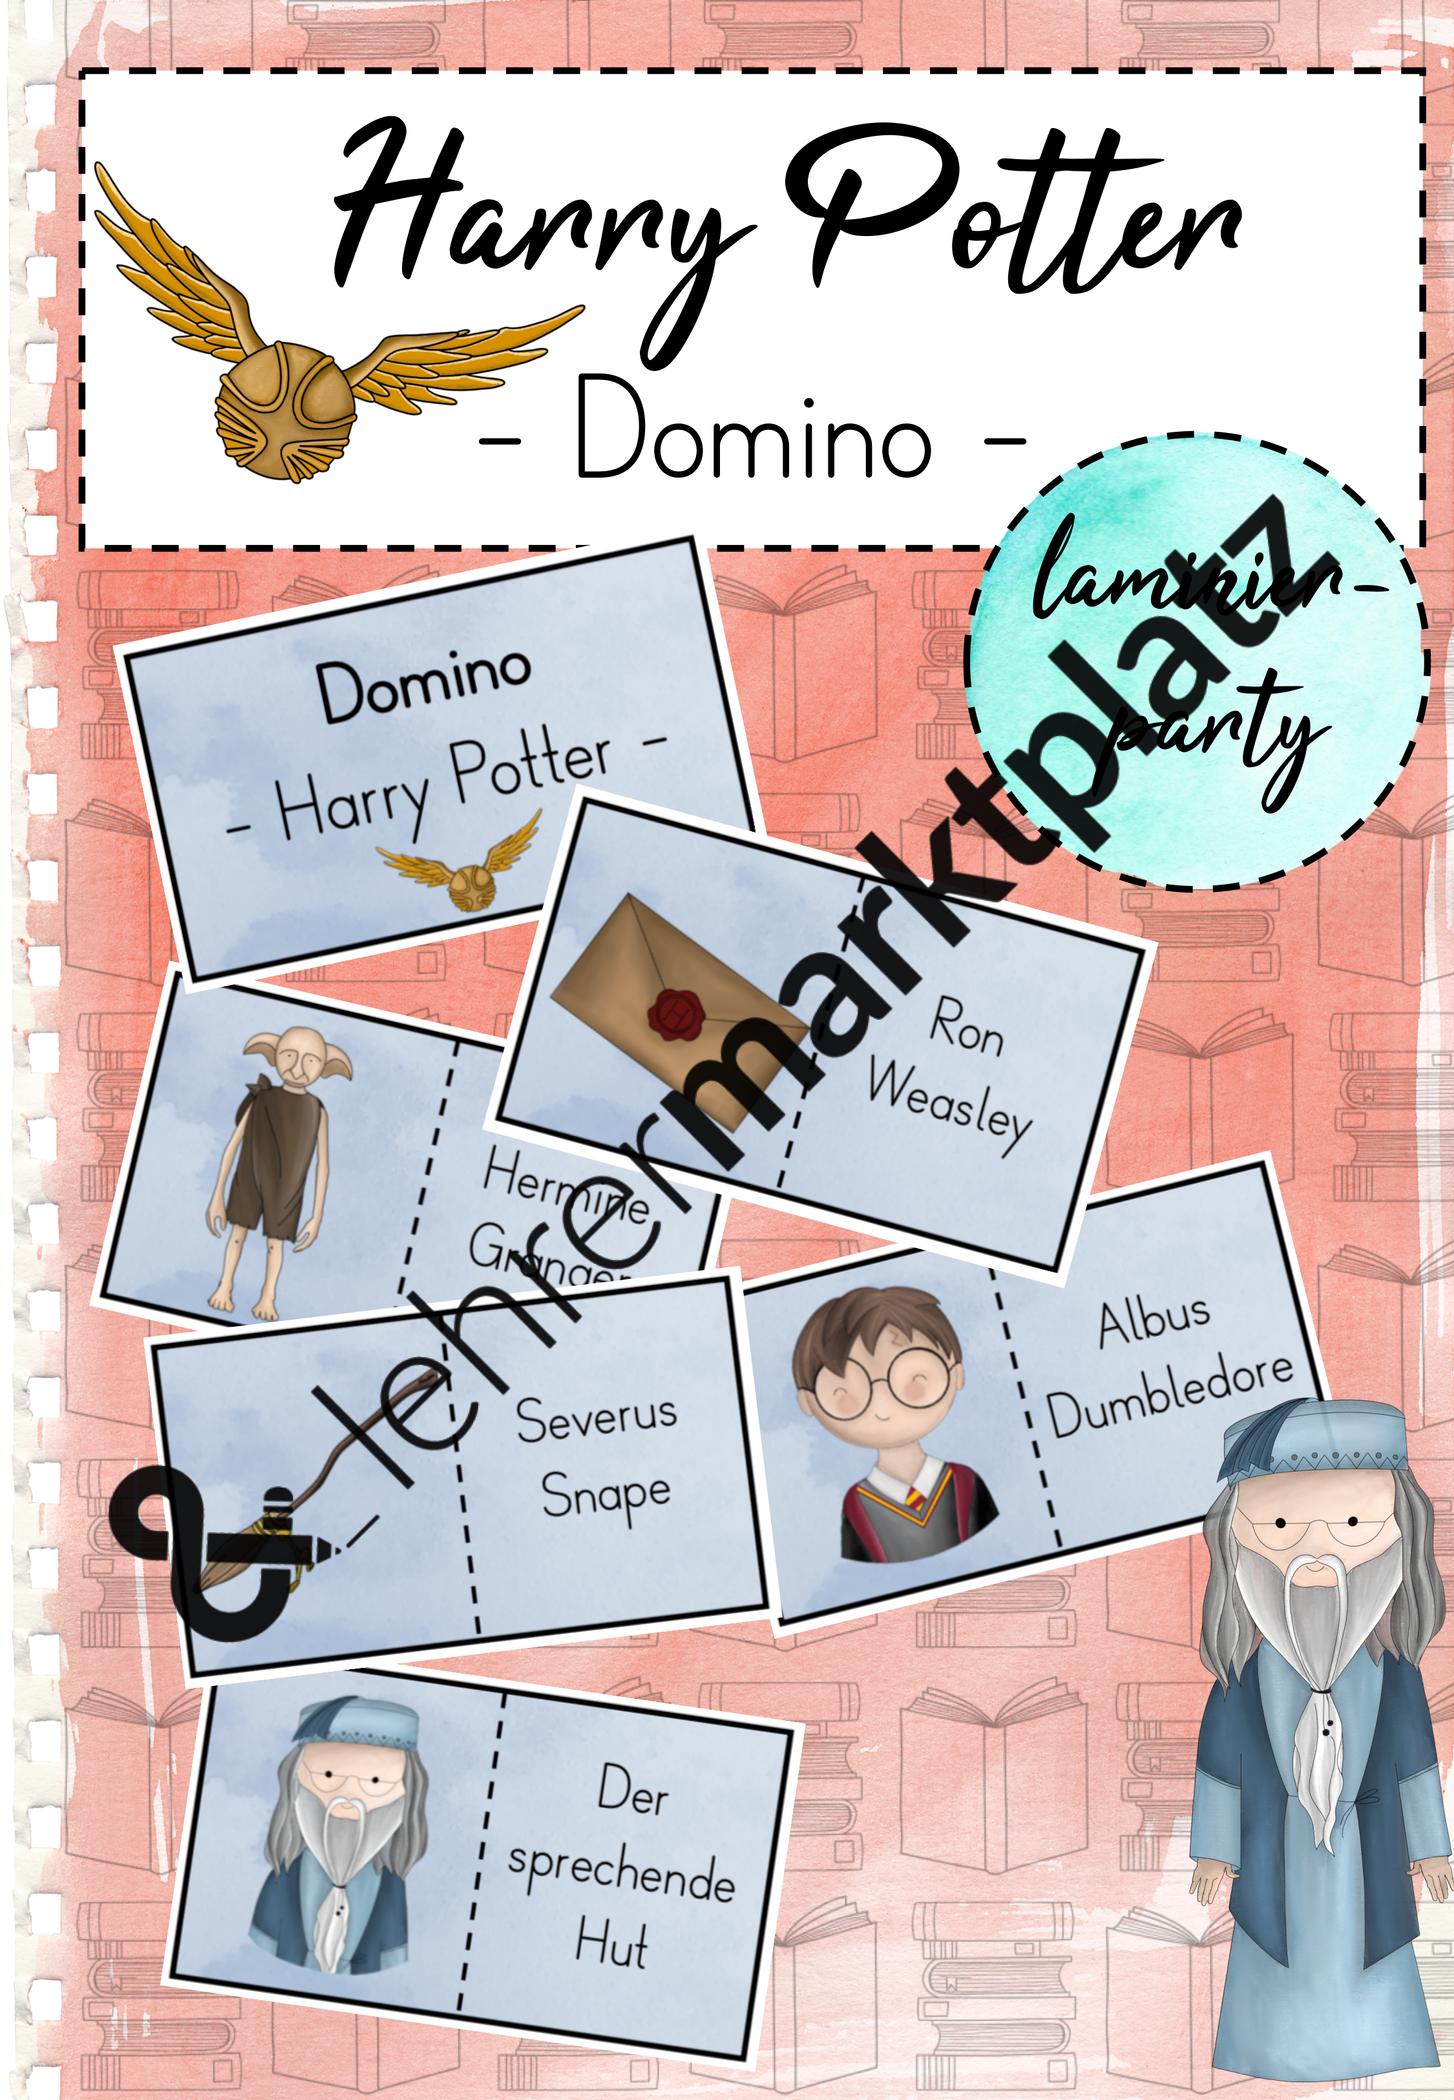 Harry Potter Domino Unterrichtsmaterial In Den Fachern Deutsch Fachubergreifendes Grundschule Harry Potter Schule Harry Potter Spiele